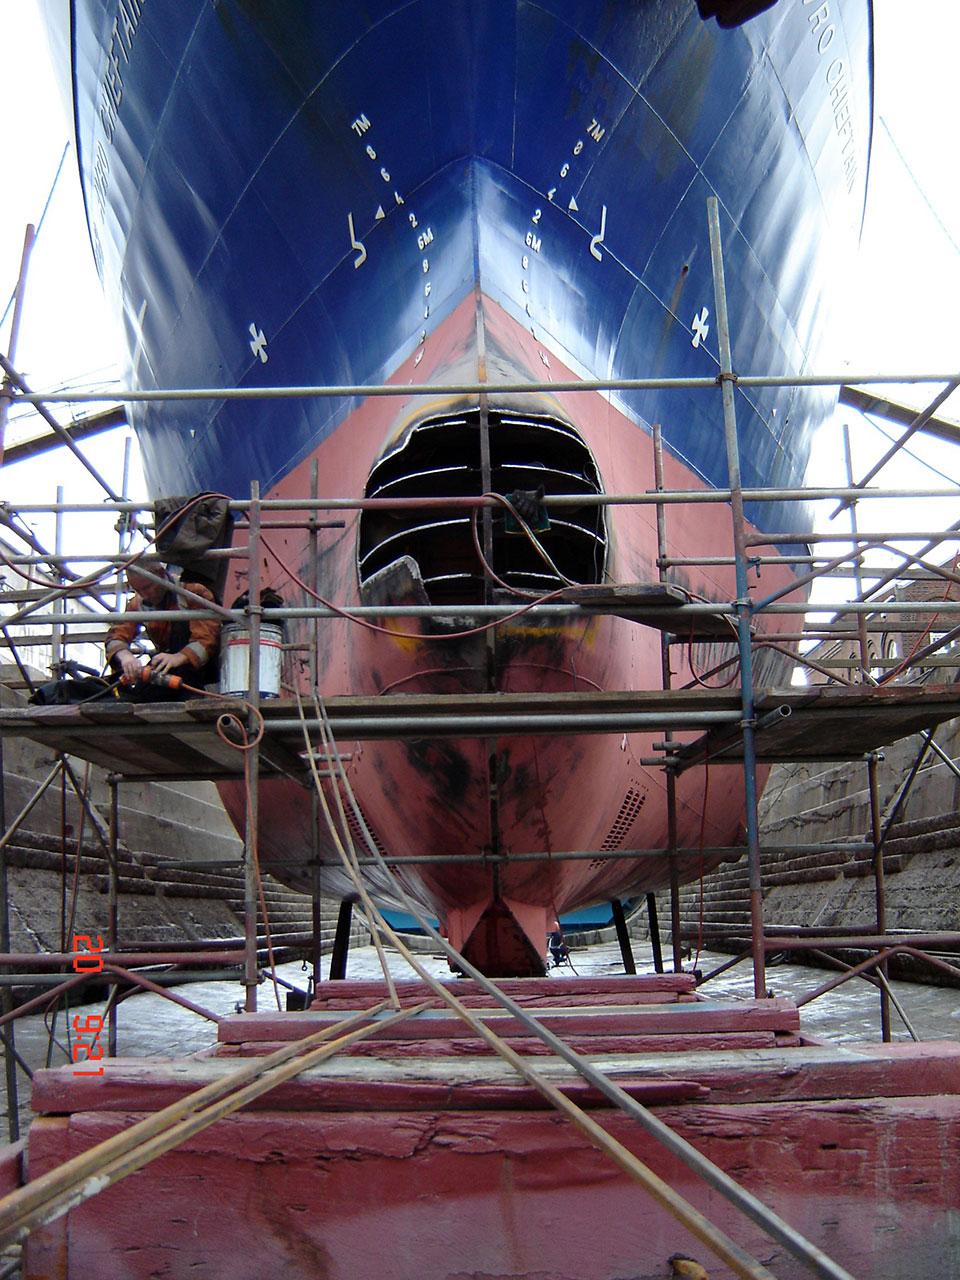 Trawler - Avro Chieftain - bow repairs